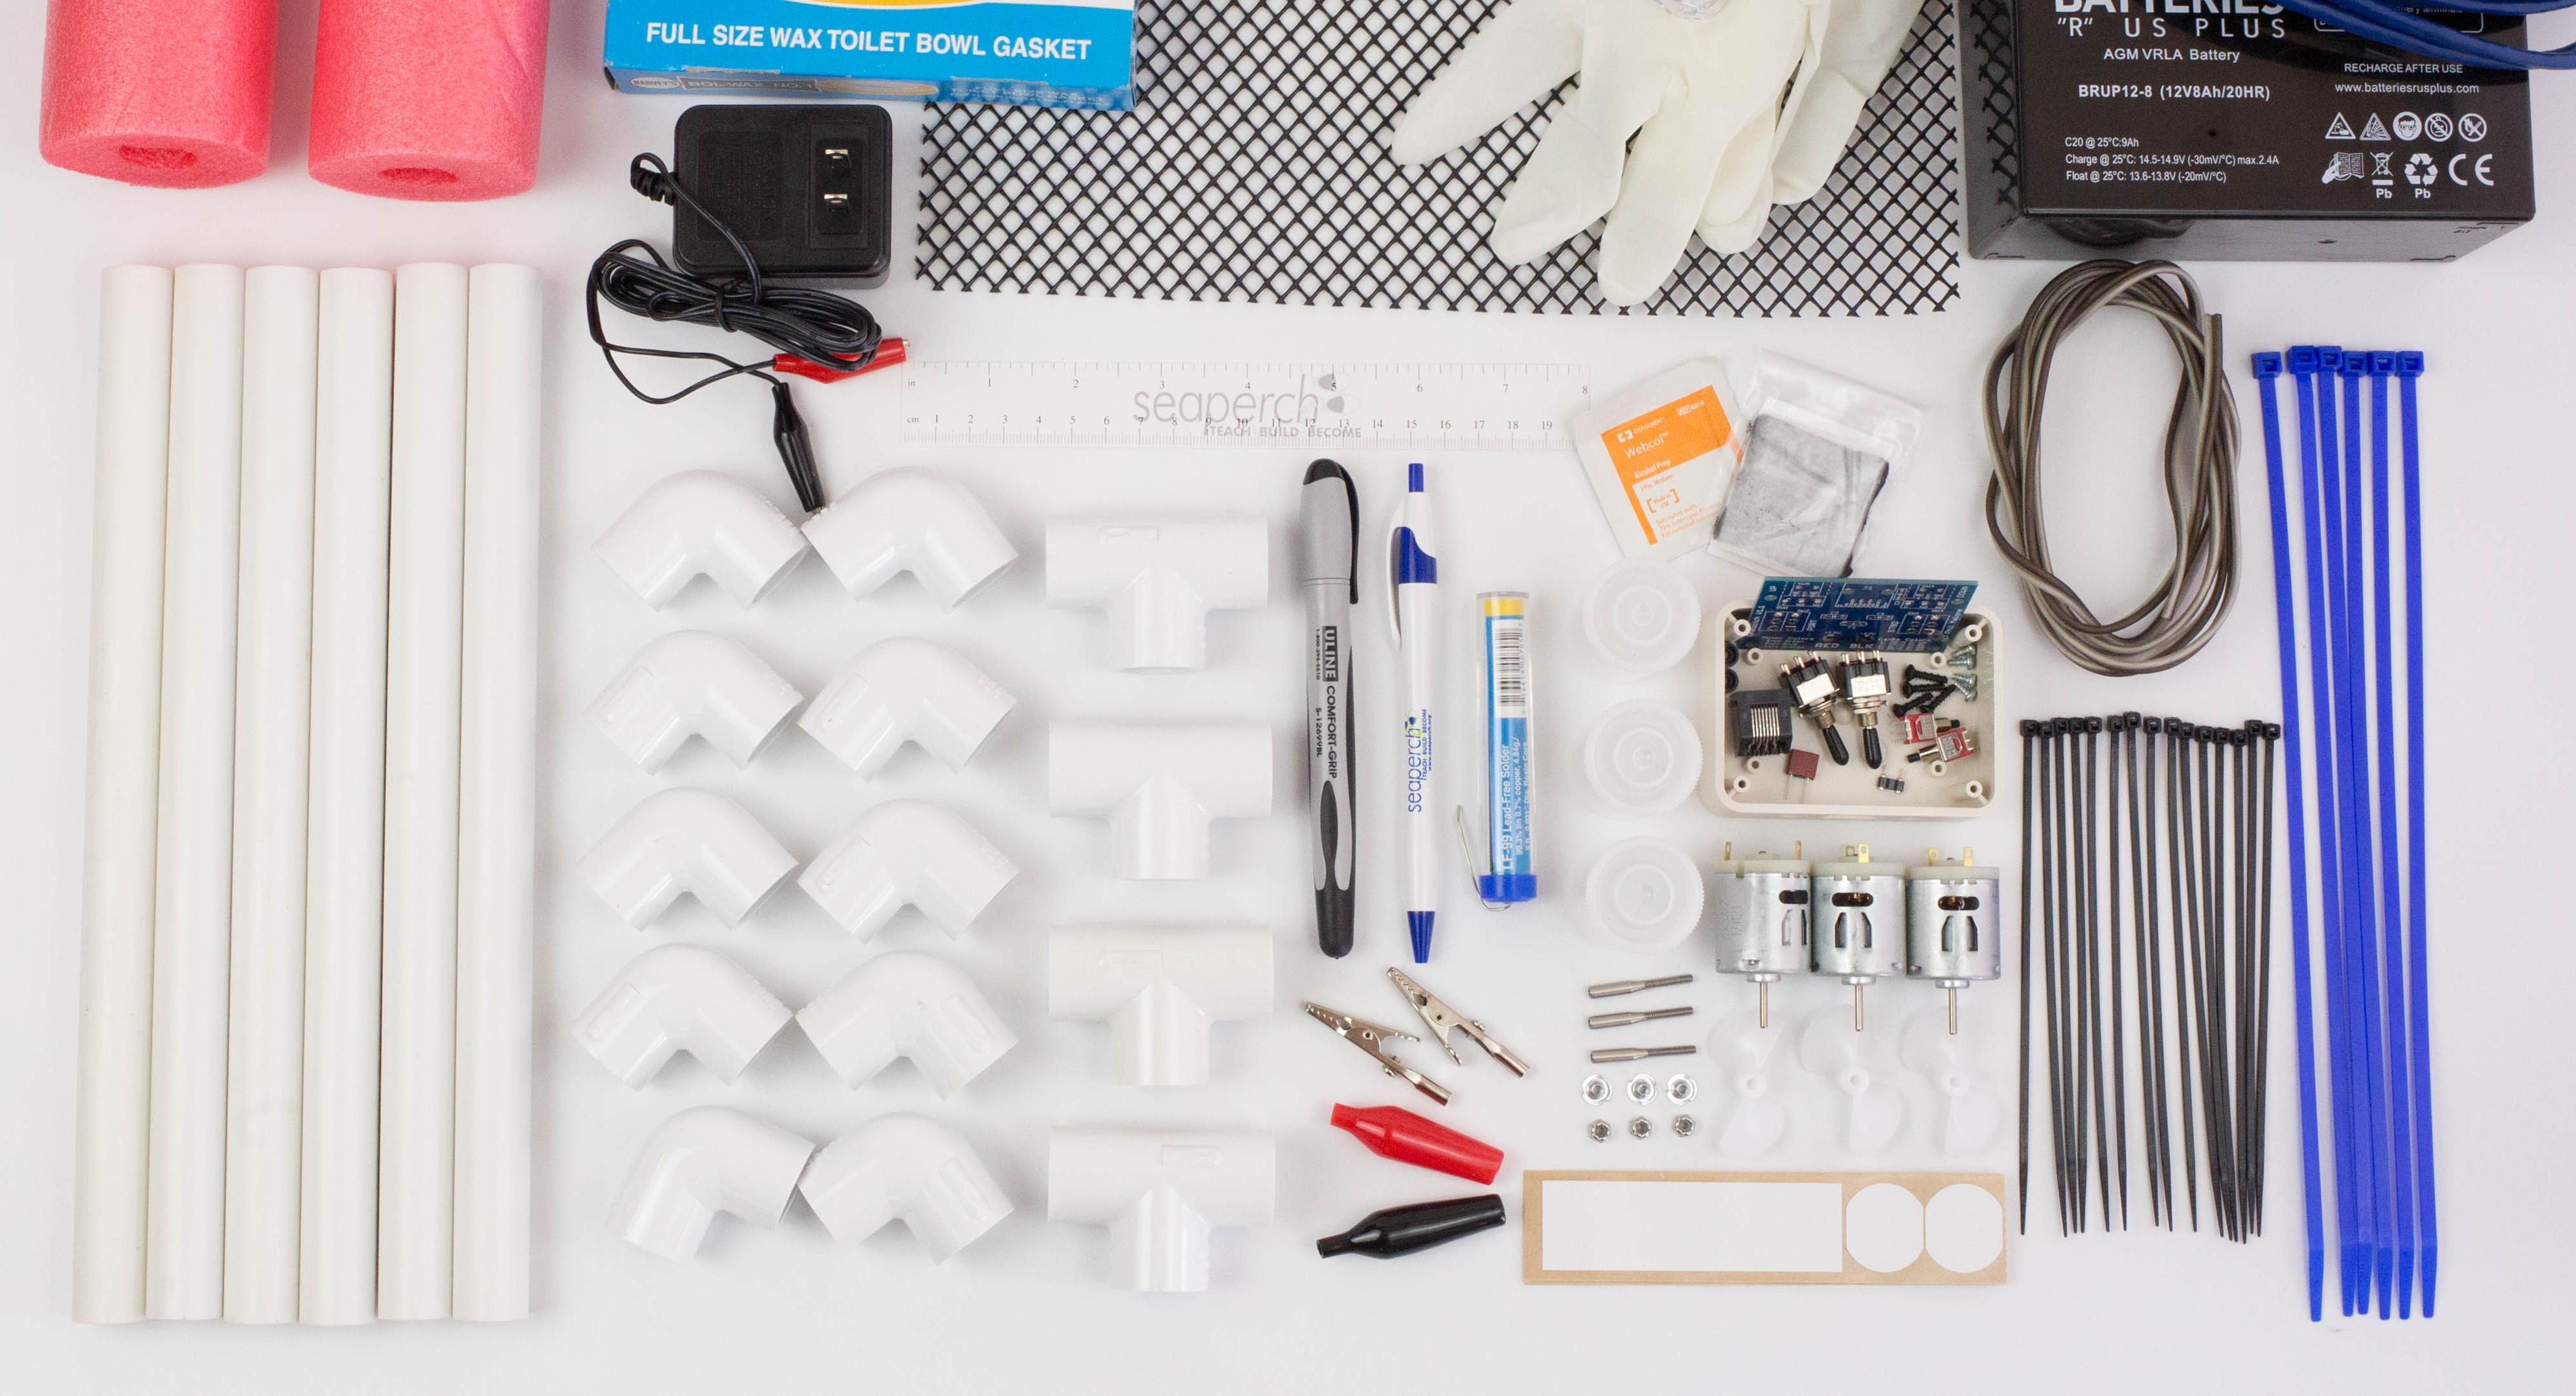 SeaPerch ROV Kit